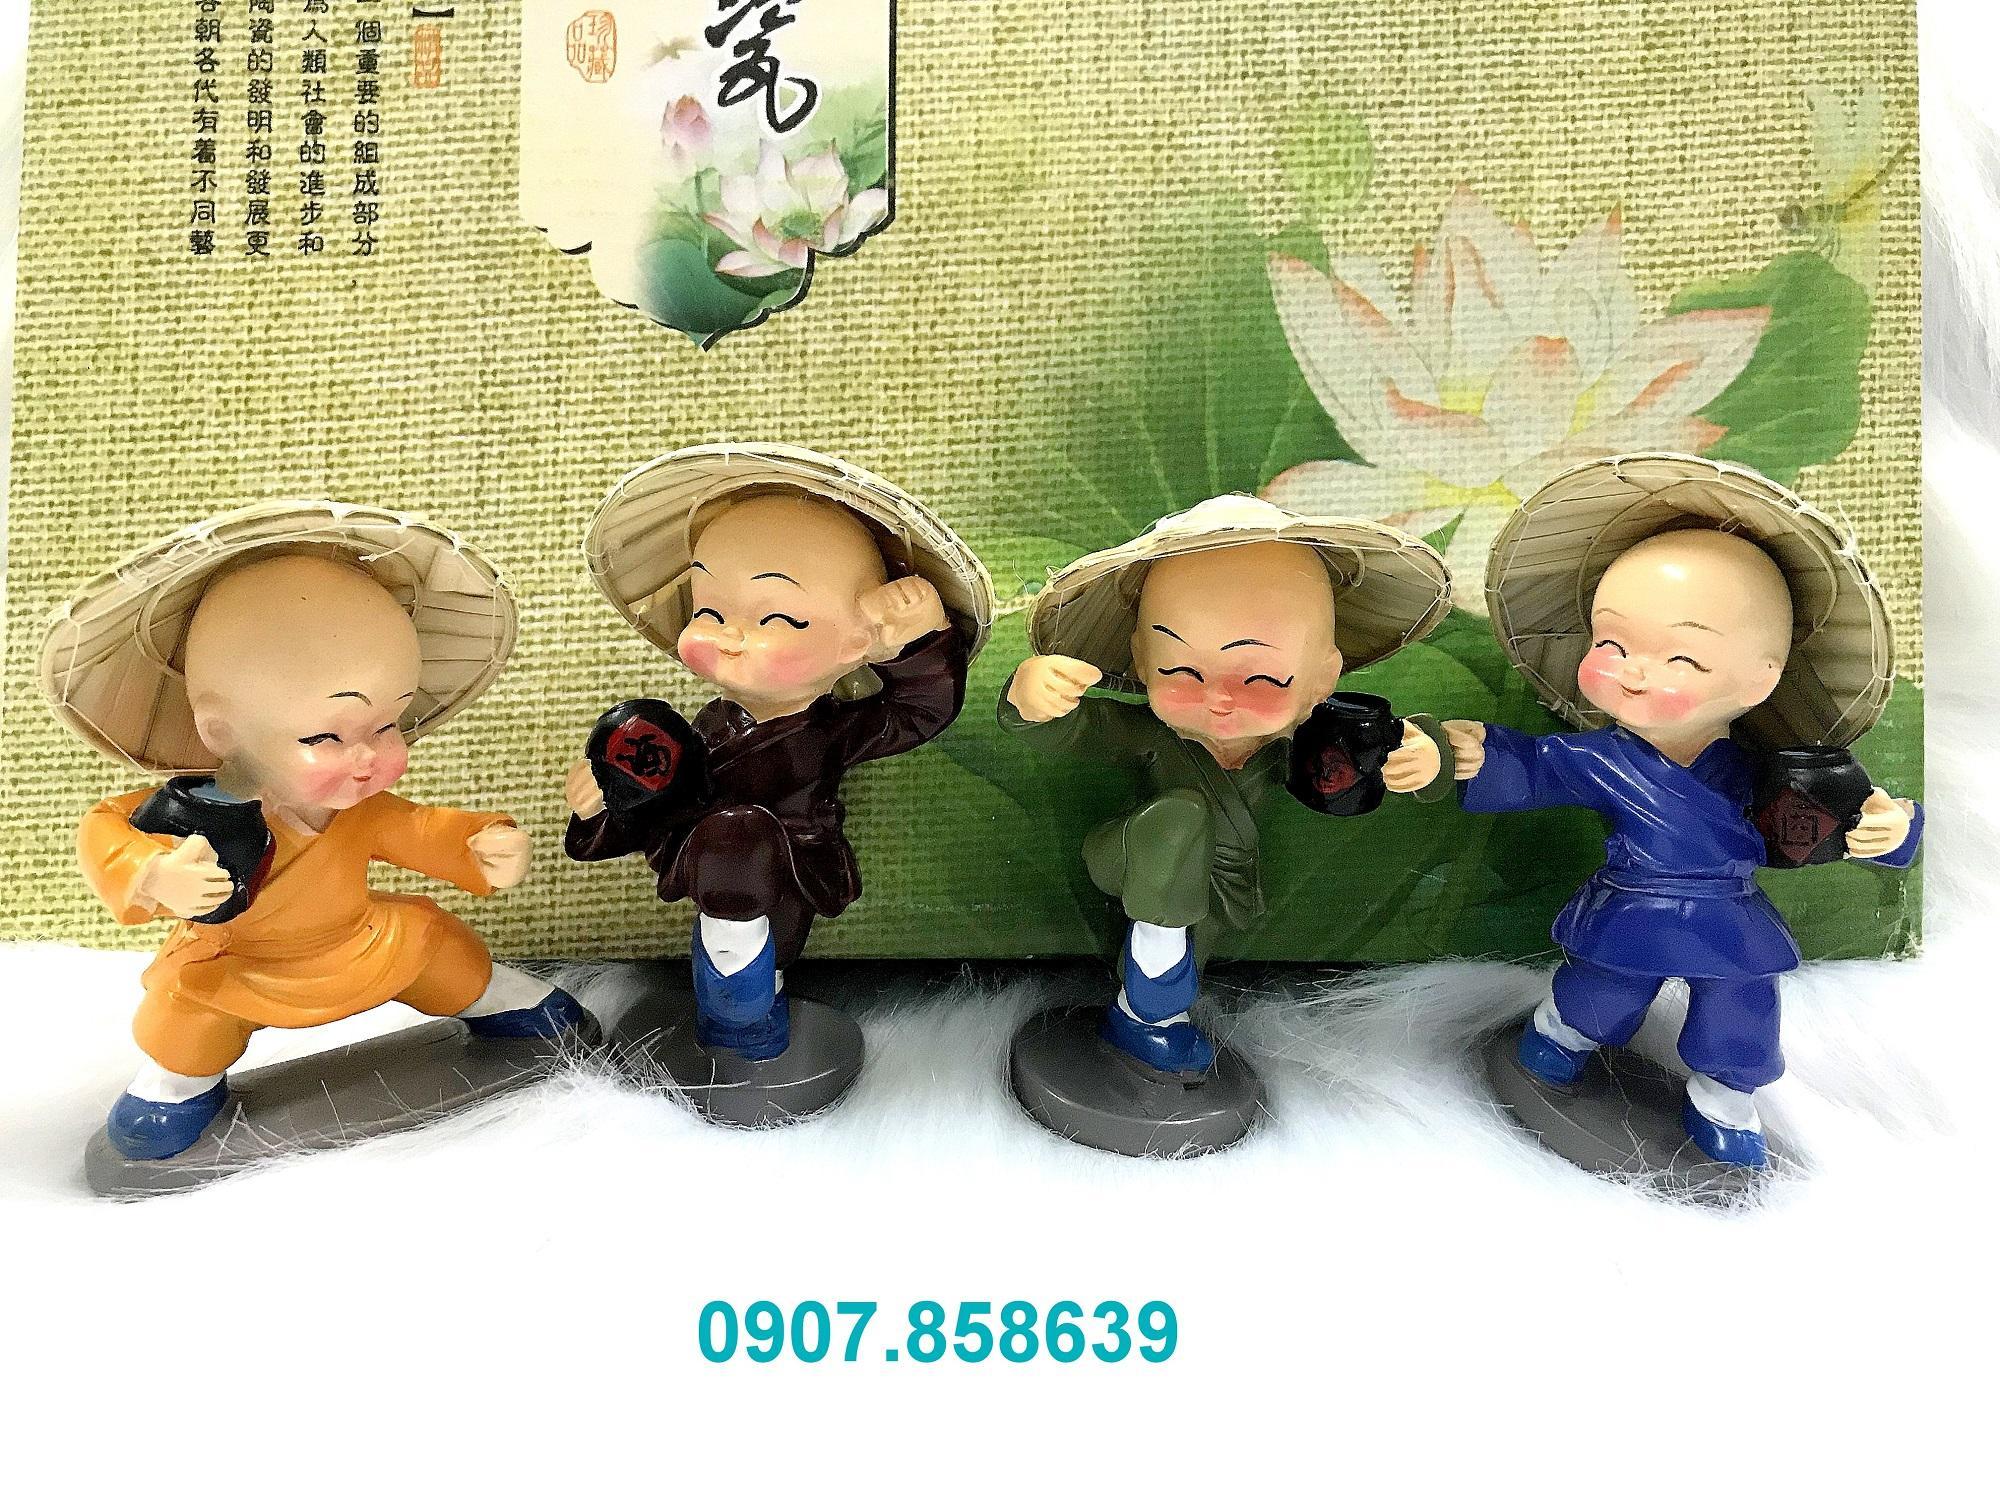 Mua chú tiểu túy quyền nón lá gốm cao cấp ( hàng đẹp độc quyền )